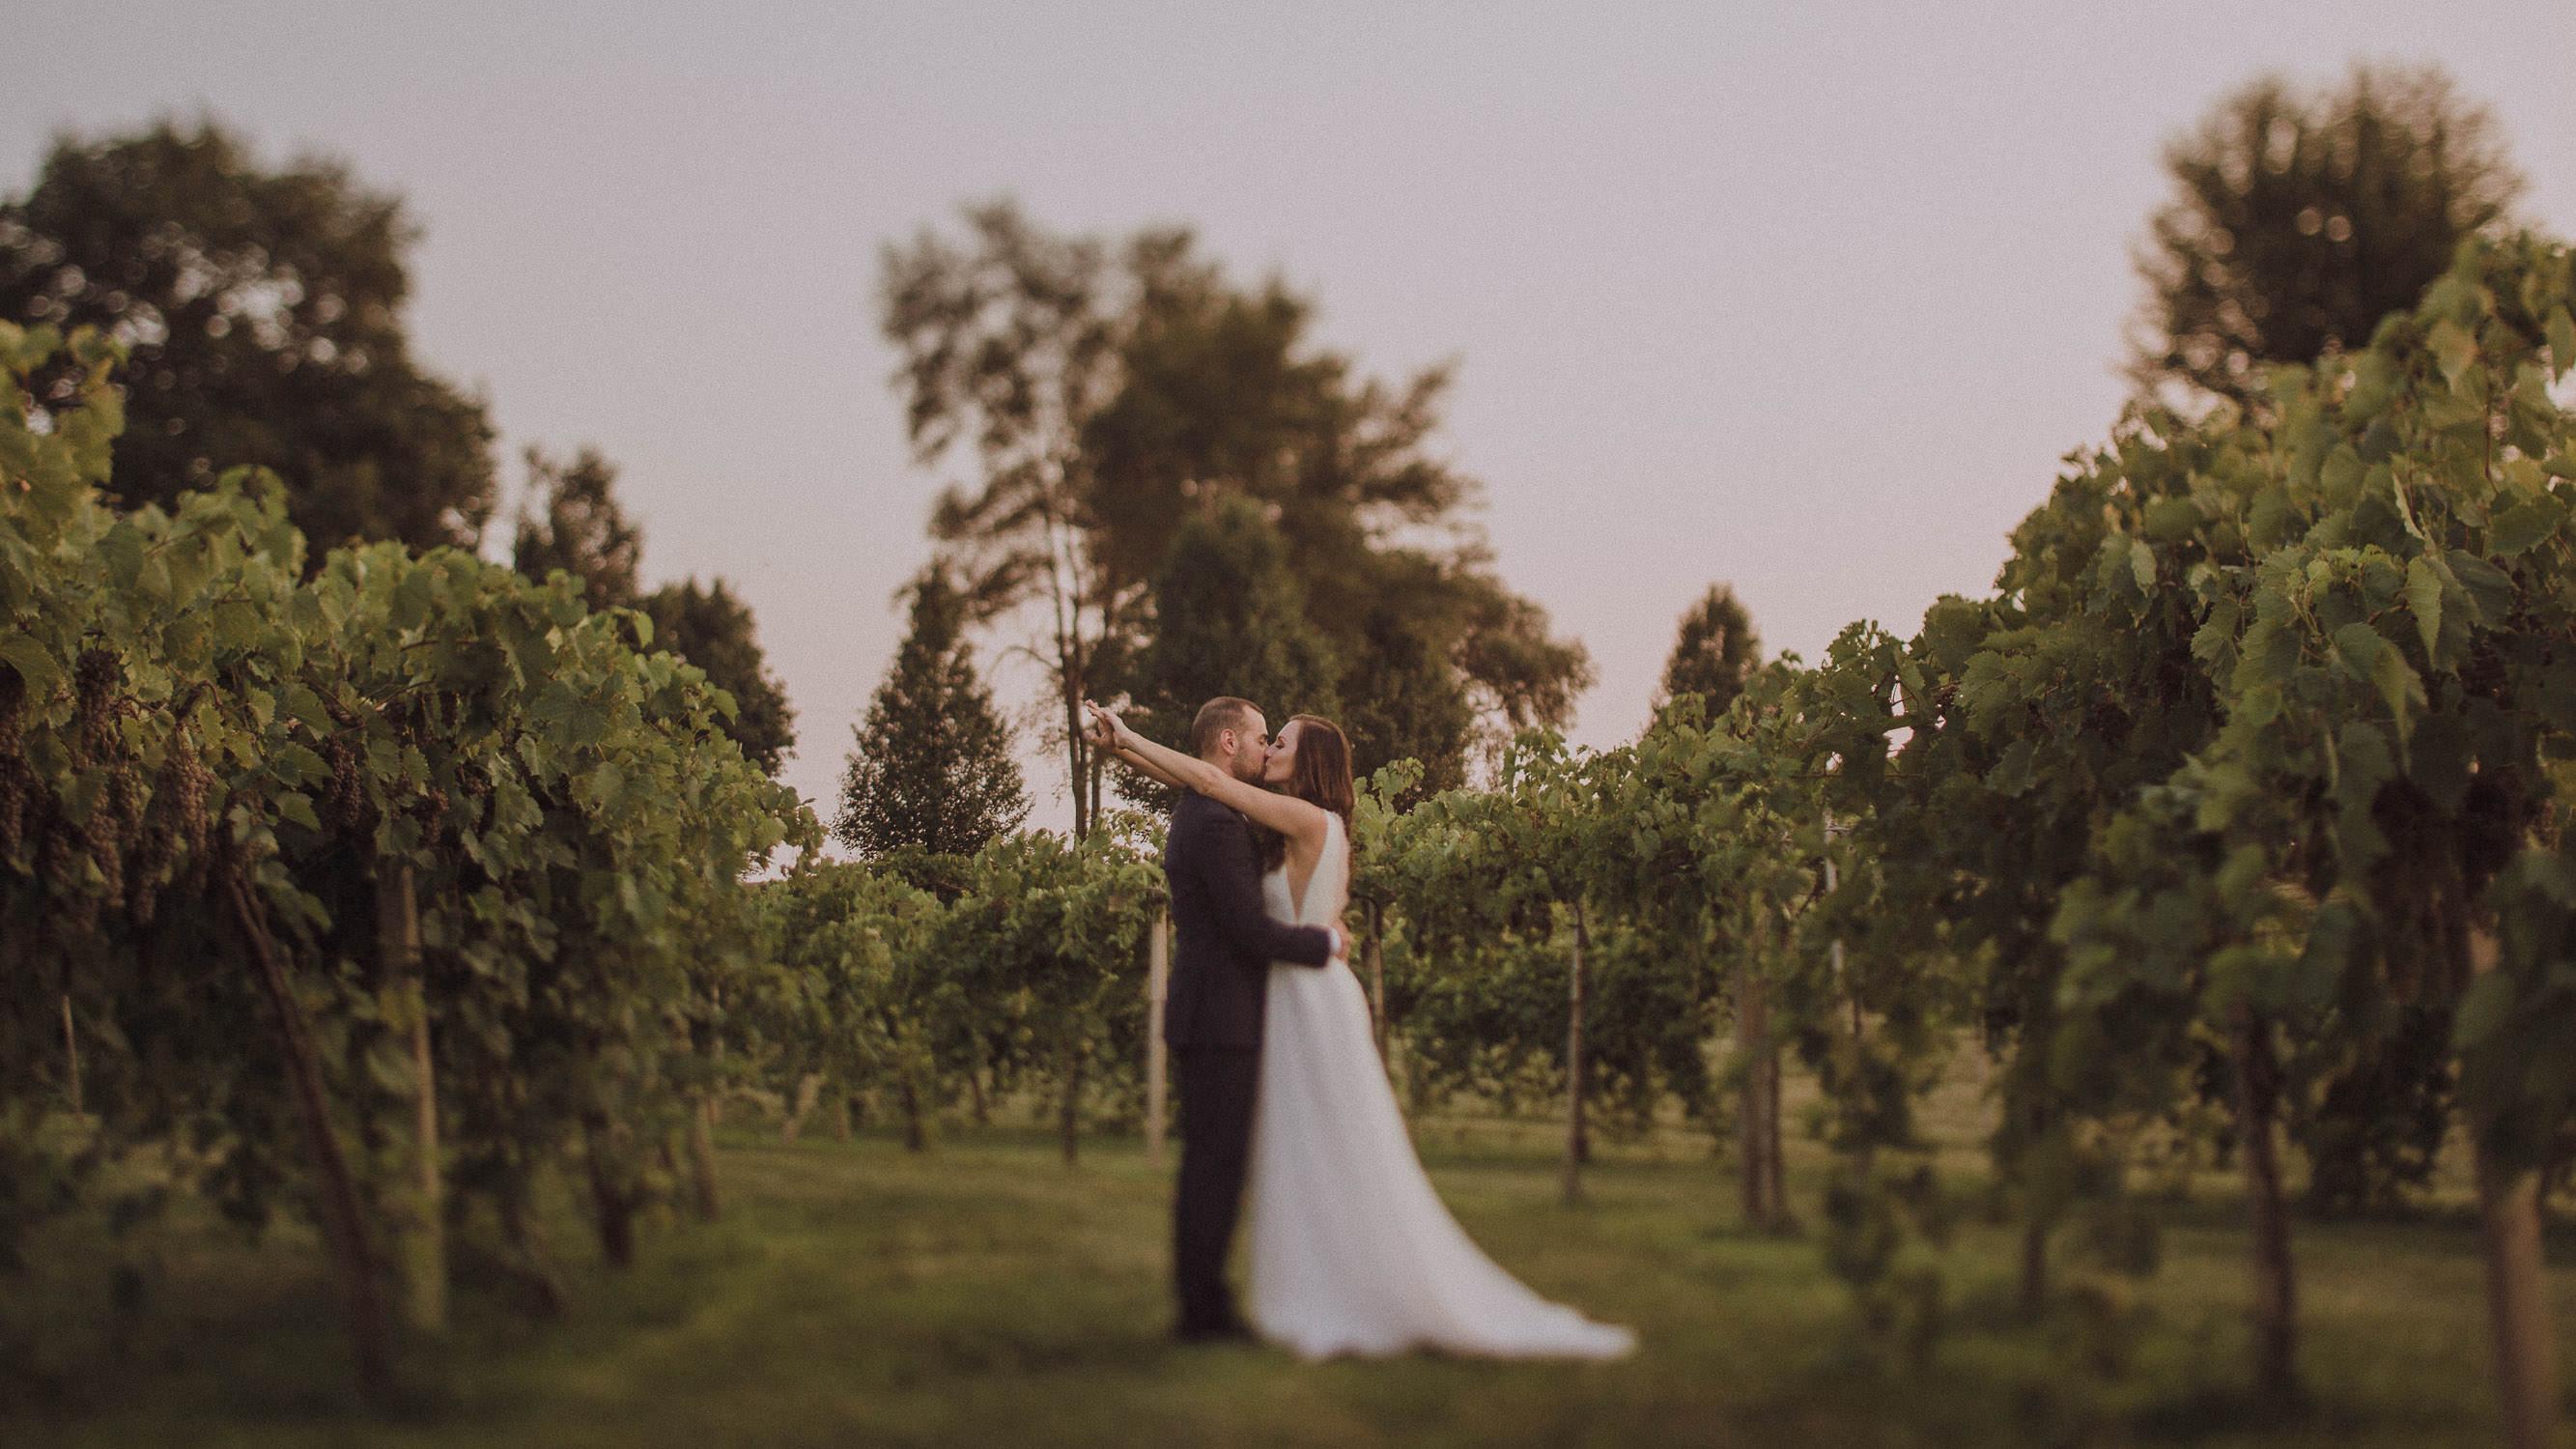 chicago-illinois-wedding-engagement-elopement-photographer-kyle-szeto-photography-52